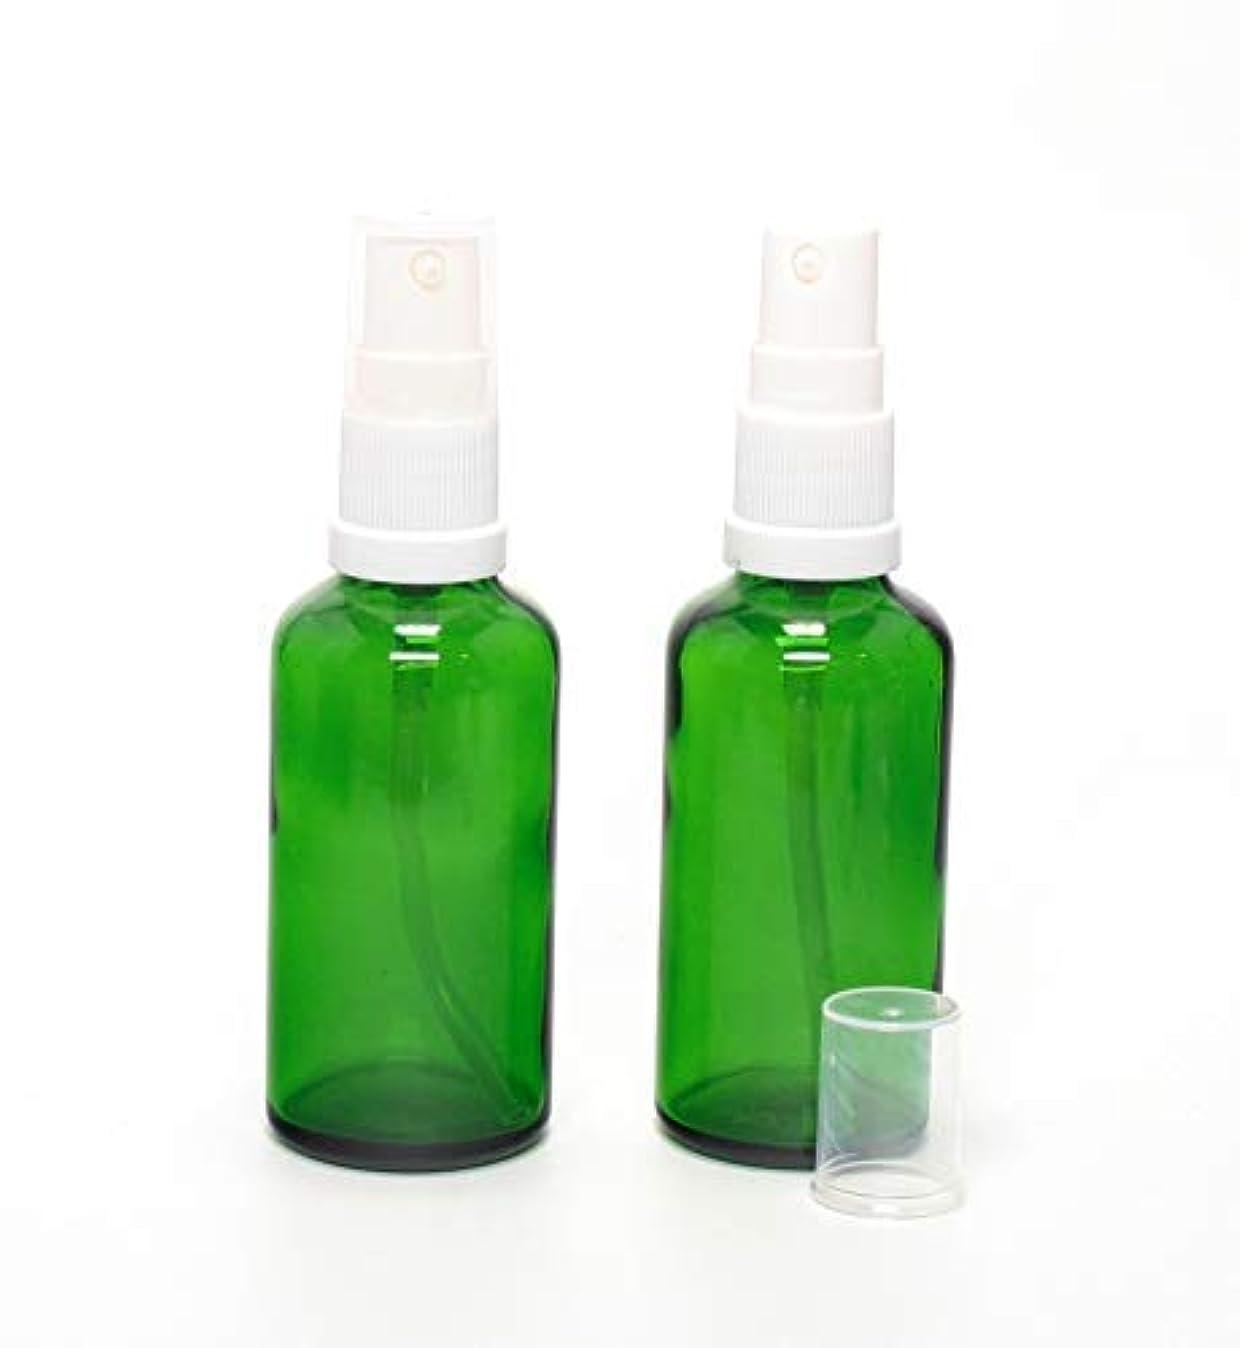 納税者革新昆虫遮光瓶 (硝子)ポンプボトル 50ml (フィンガープッシュタイプ) / 2本セット (グリーン?ホワイトヘッド)